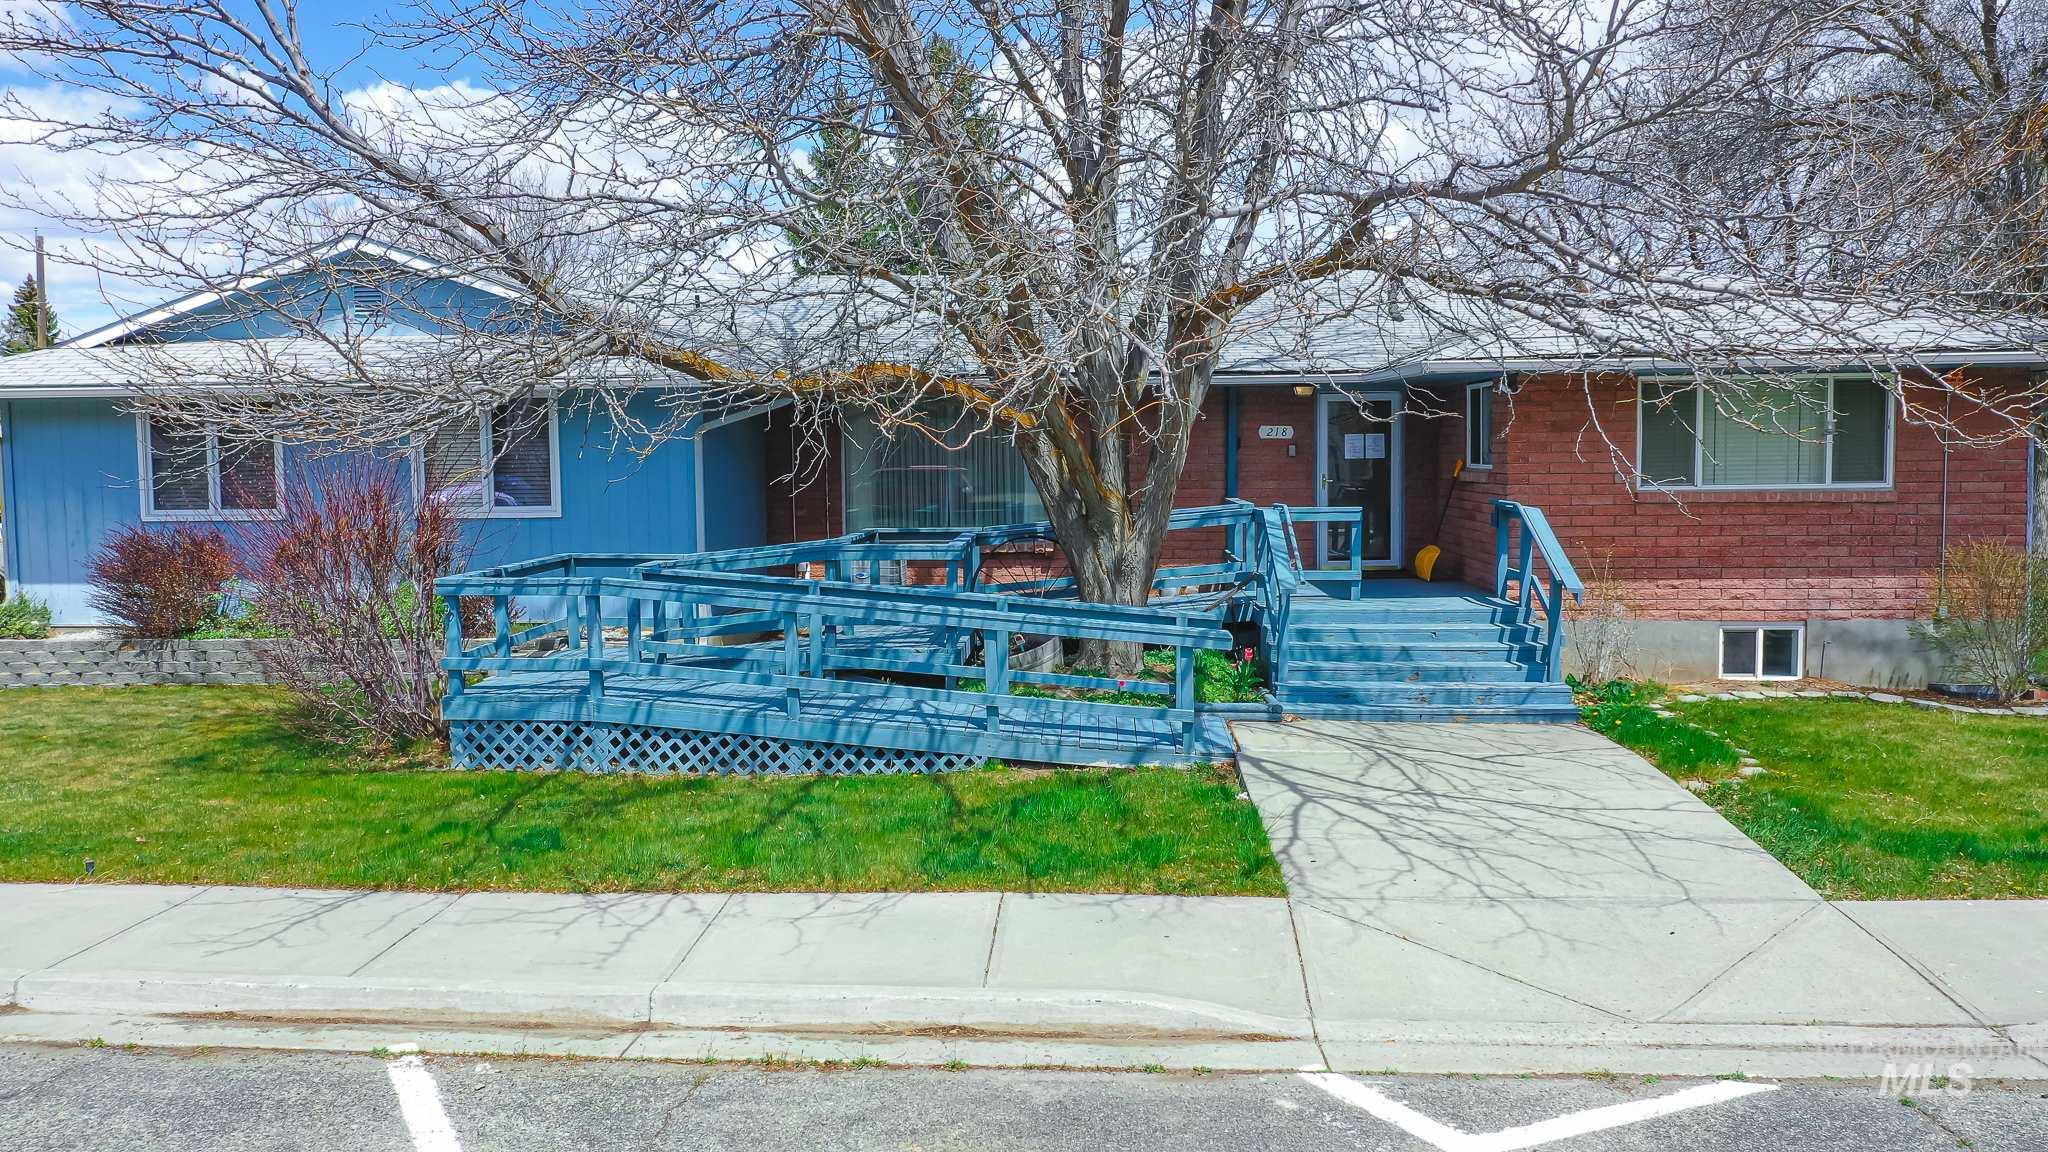 218 W B Property Photo 1